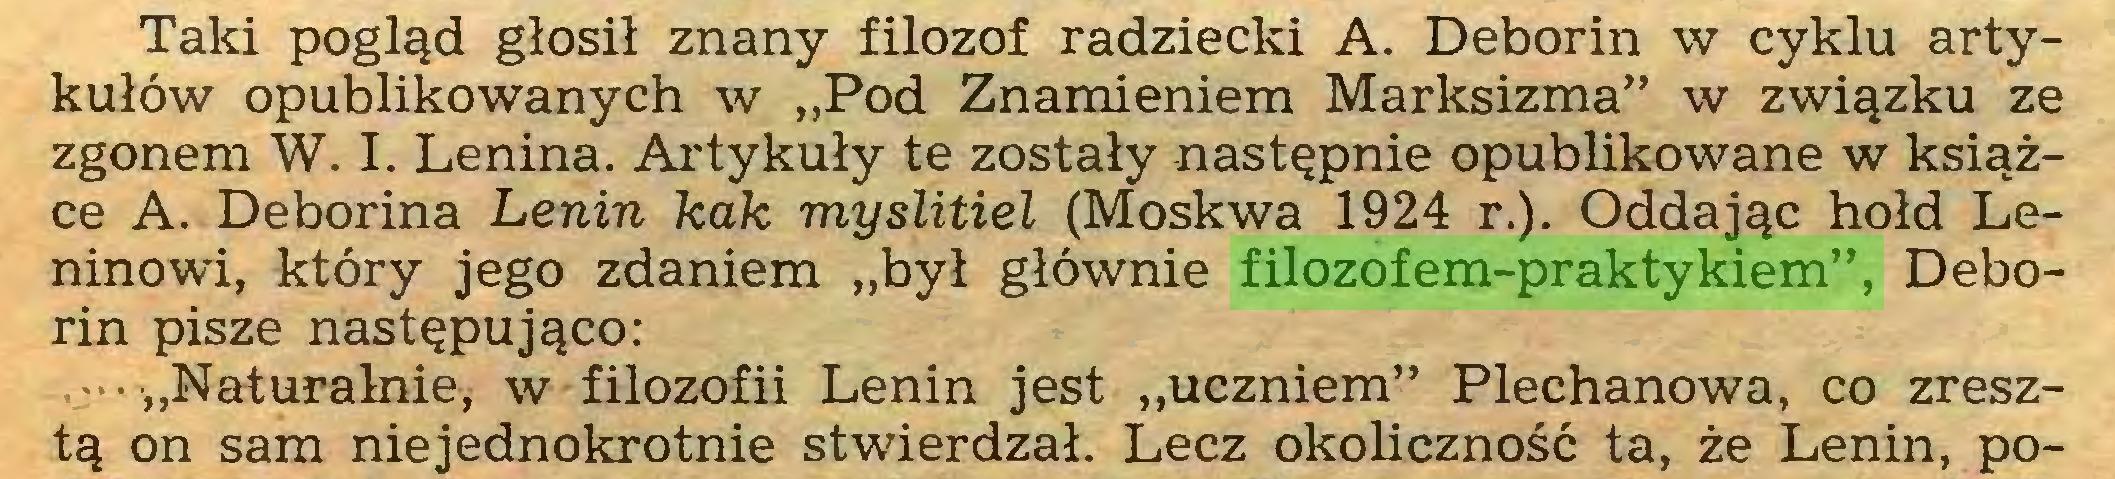 """(...) Taki pogląd głosił znany filozof radziecki A. Deborin w cyklu artykułów opublikowanych w """"Pod Znamieniem Marksizma"""" w związku ze zgonem W. I. Lenina. Artykuły te zostały następnie opublikowane w książce A. Deborina Lenin kak myslitiel (Moskwa 1924 r.). Oddając hołd Leninowi, który jego zdaniem """"był głównie filozofem-praktykiem"""", Deborin pisze następująco: .-•""""Naturalnie, w filozofii Lenin jest """"uczniem"""" Plechanowa, co zresztą on sam niejednokrotnie stwierdzał. Lecz okoliczność ta, że Lenin, po..."""